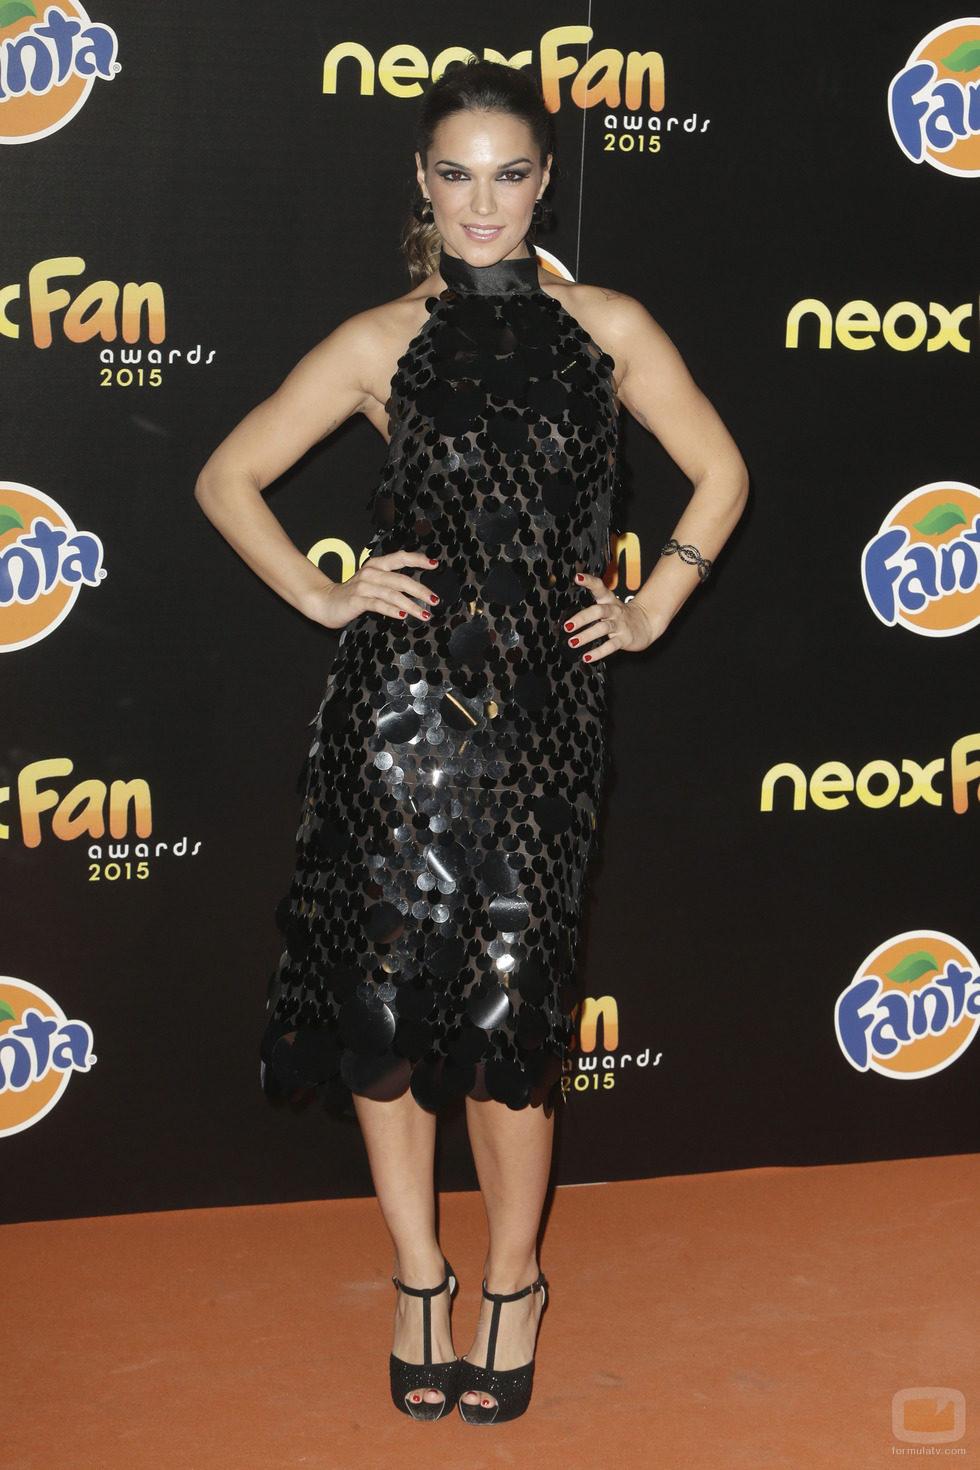 La Dama en la alfombra naranja de los Neox Fan Awards 2015